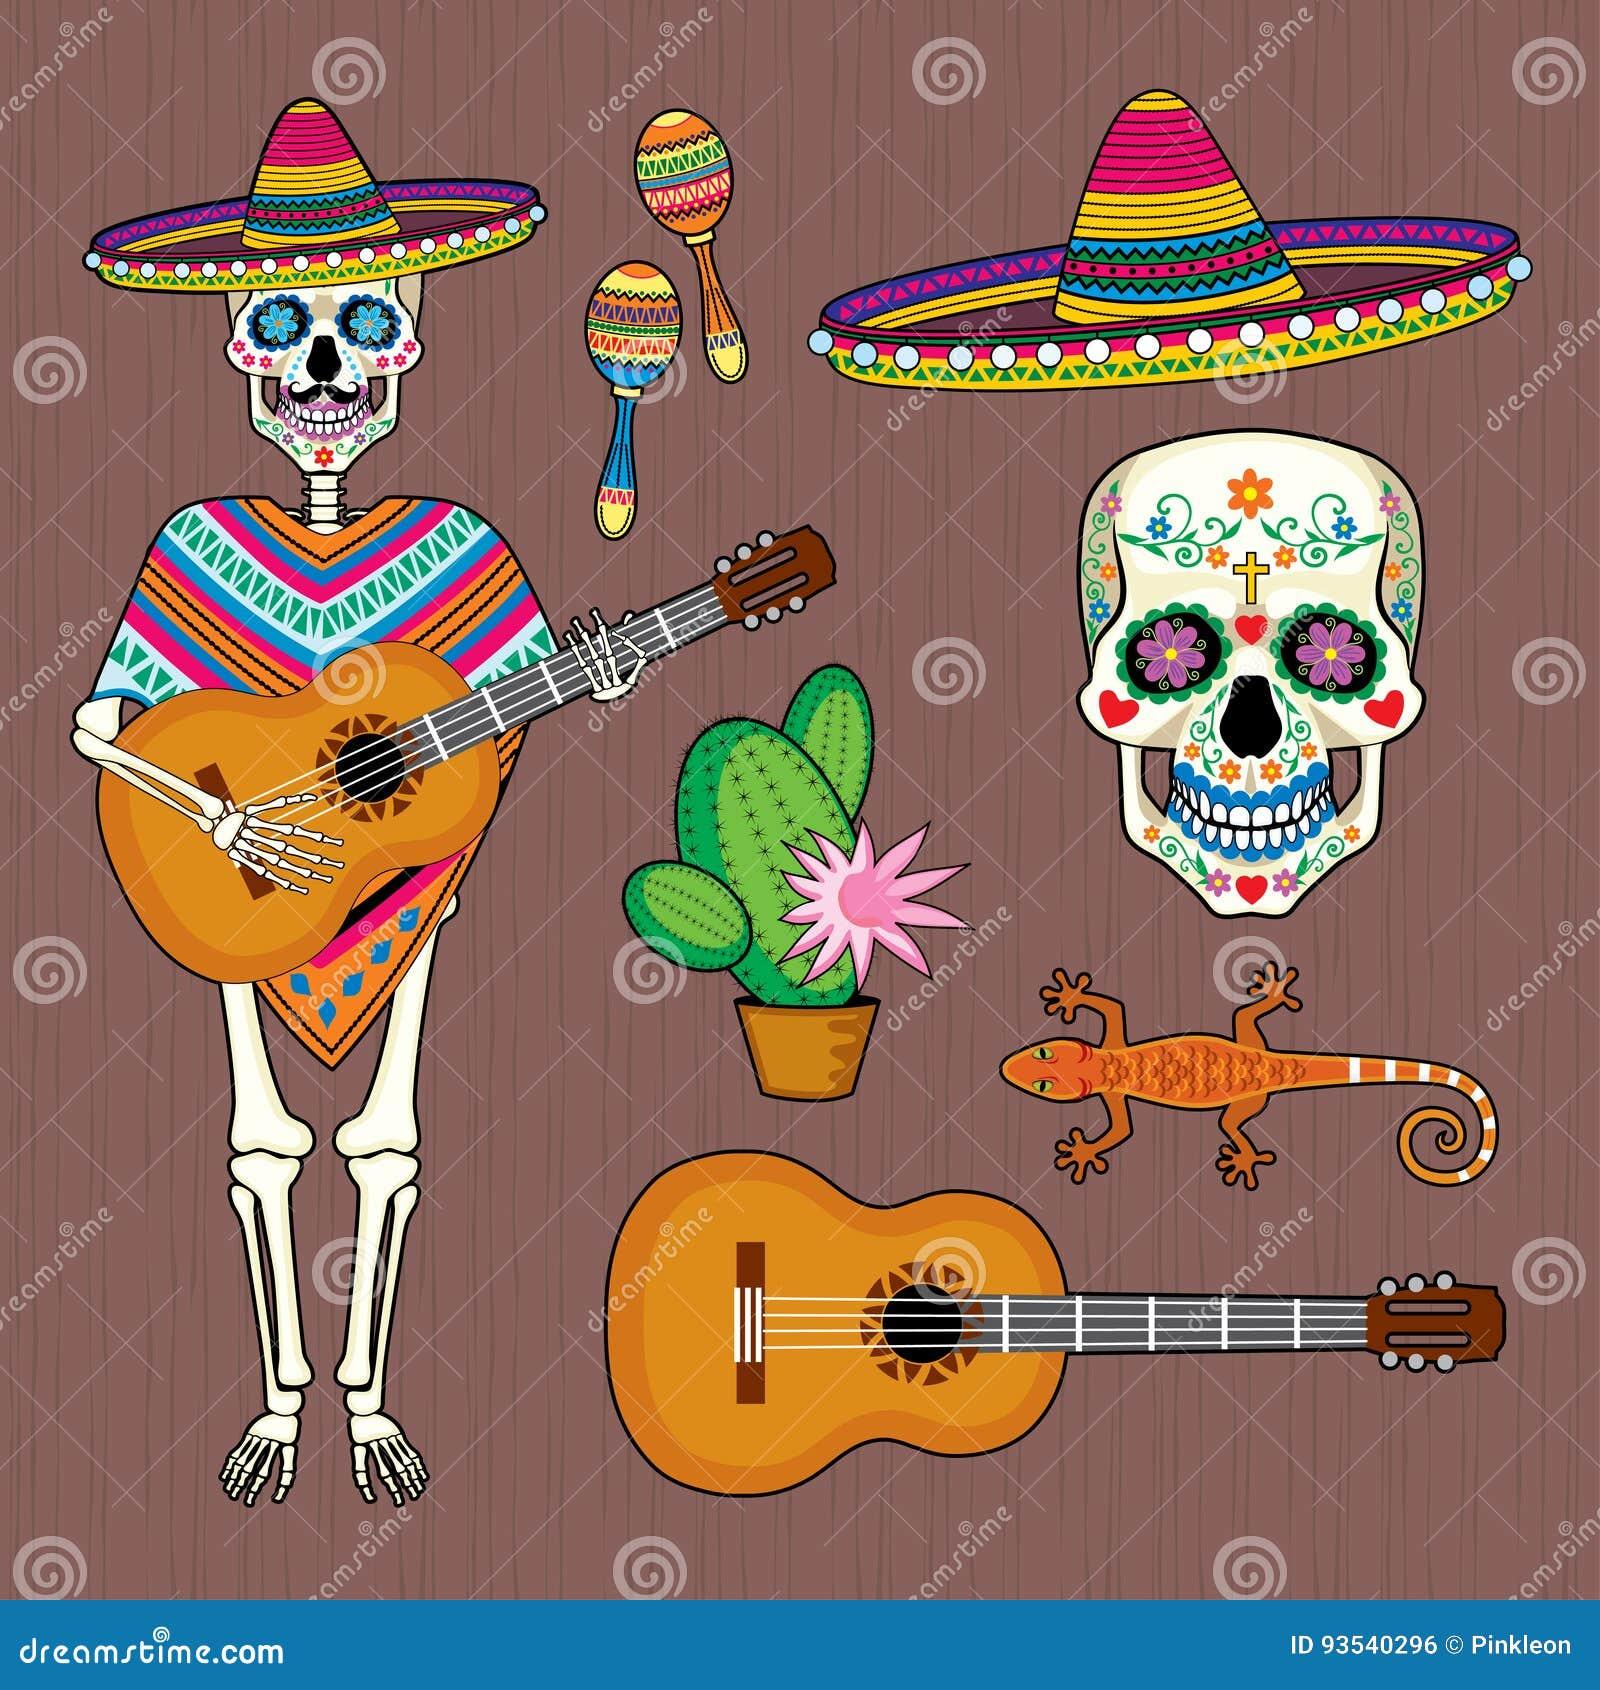 Sistema De Imágenes De La Cultura Mexicana Con El Cráneo Calavera